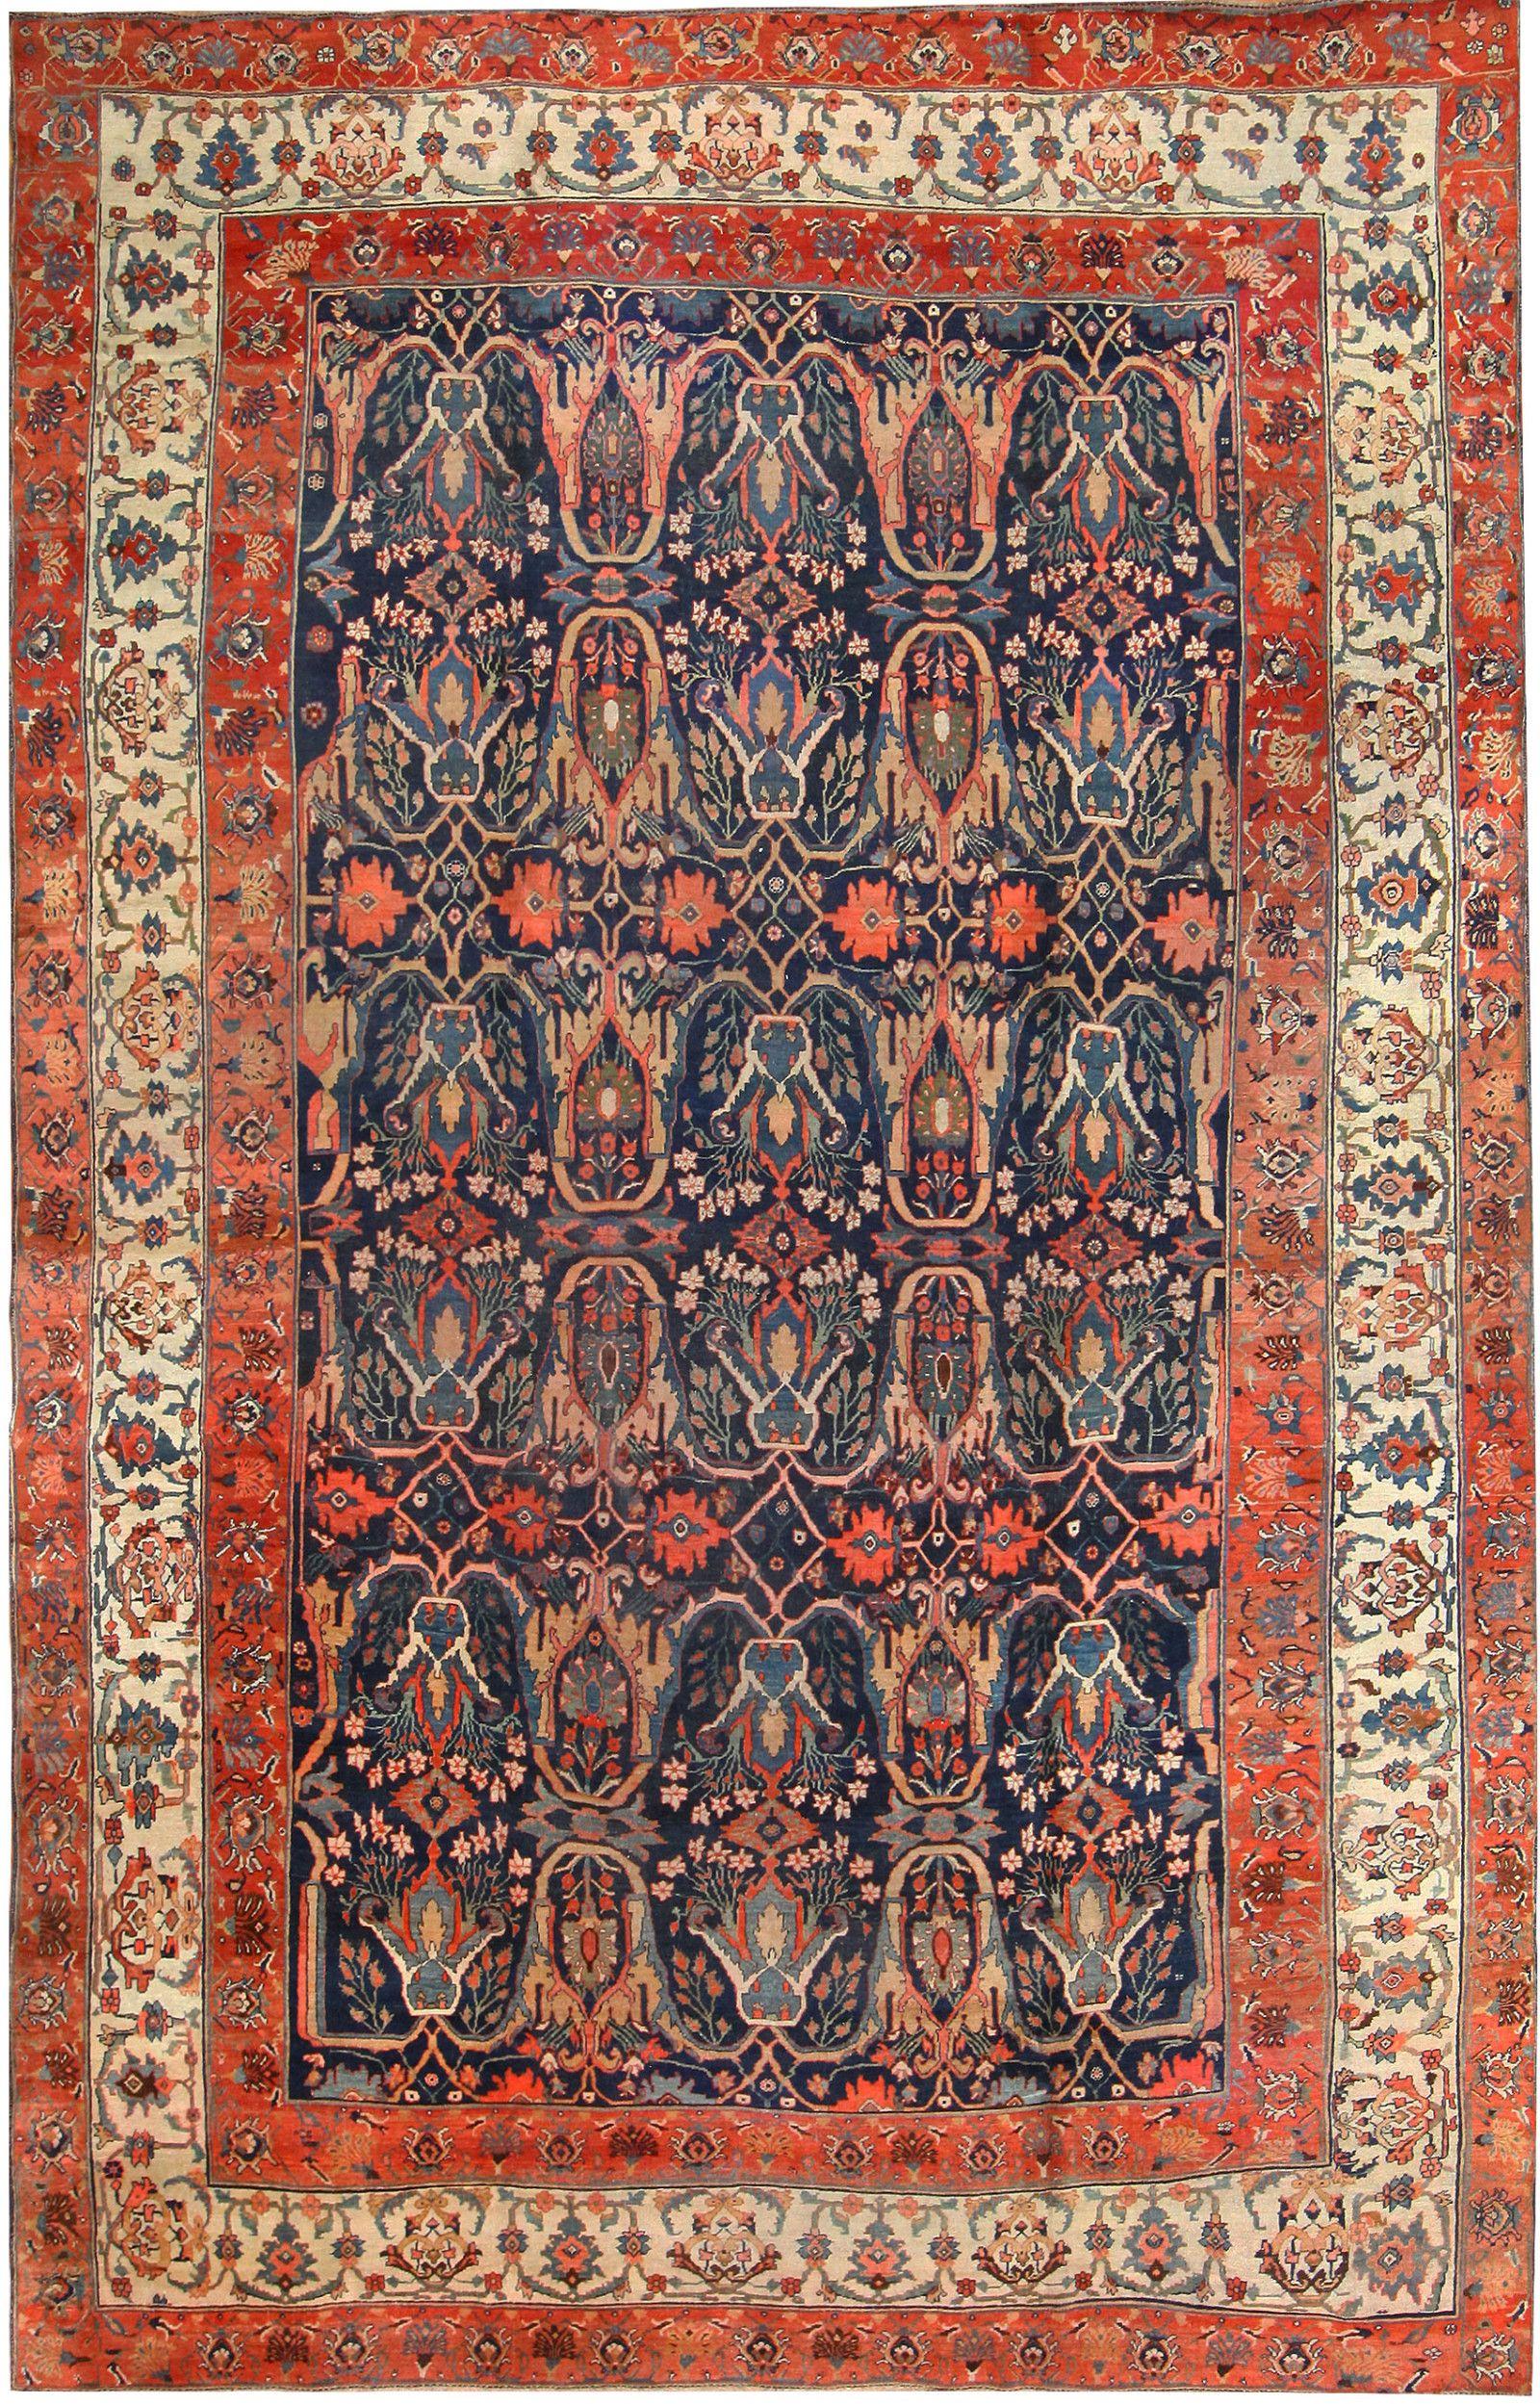 Antique Bidjar Persian Carpet 50217 By Nazmiyal Collection Persian Carpet Antique Persian Rug Rugs